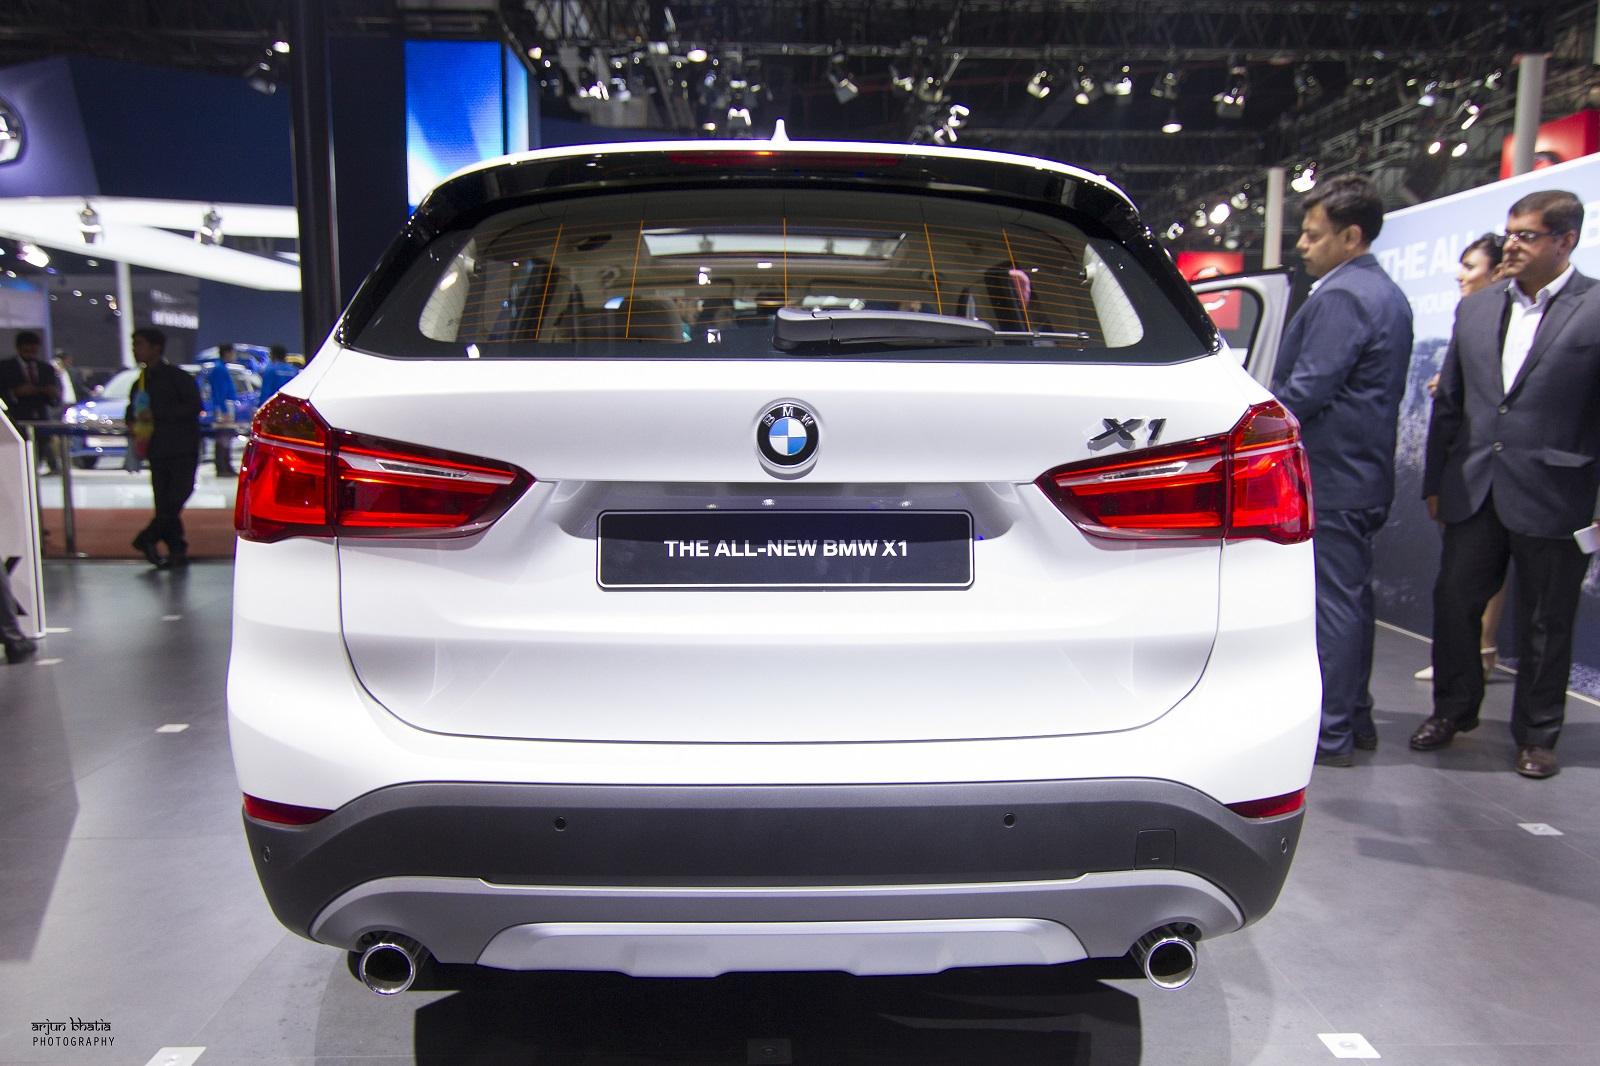 BMW X1 Delhi Auto Expo 2016 1